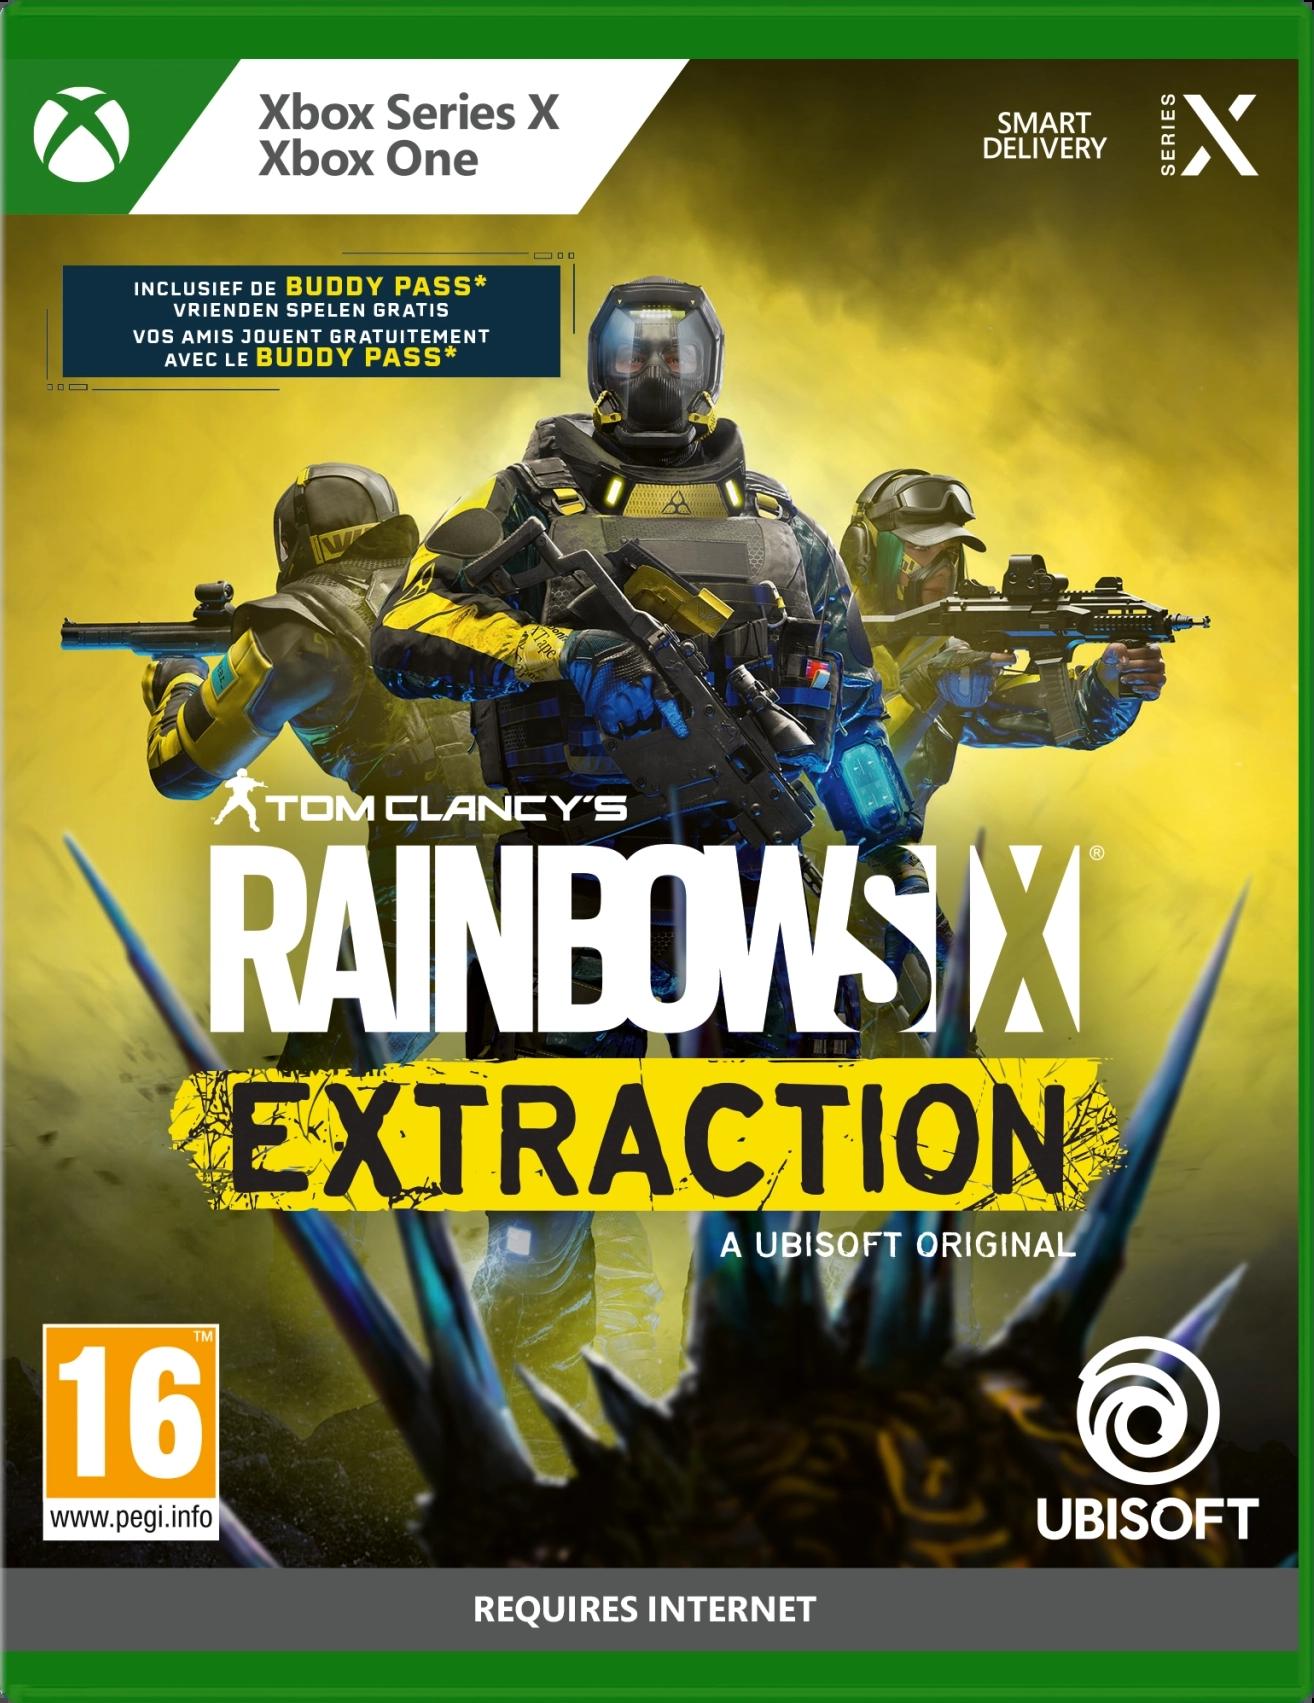 Rainbow Six Extraction (Xbox One kompatibilis) - Xbox Series X Játékok